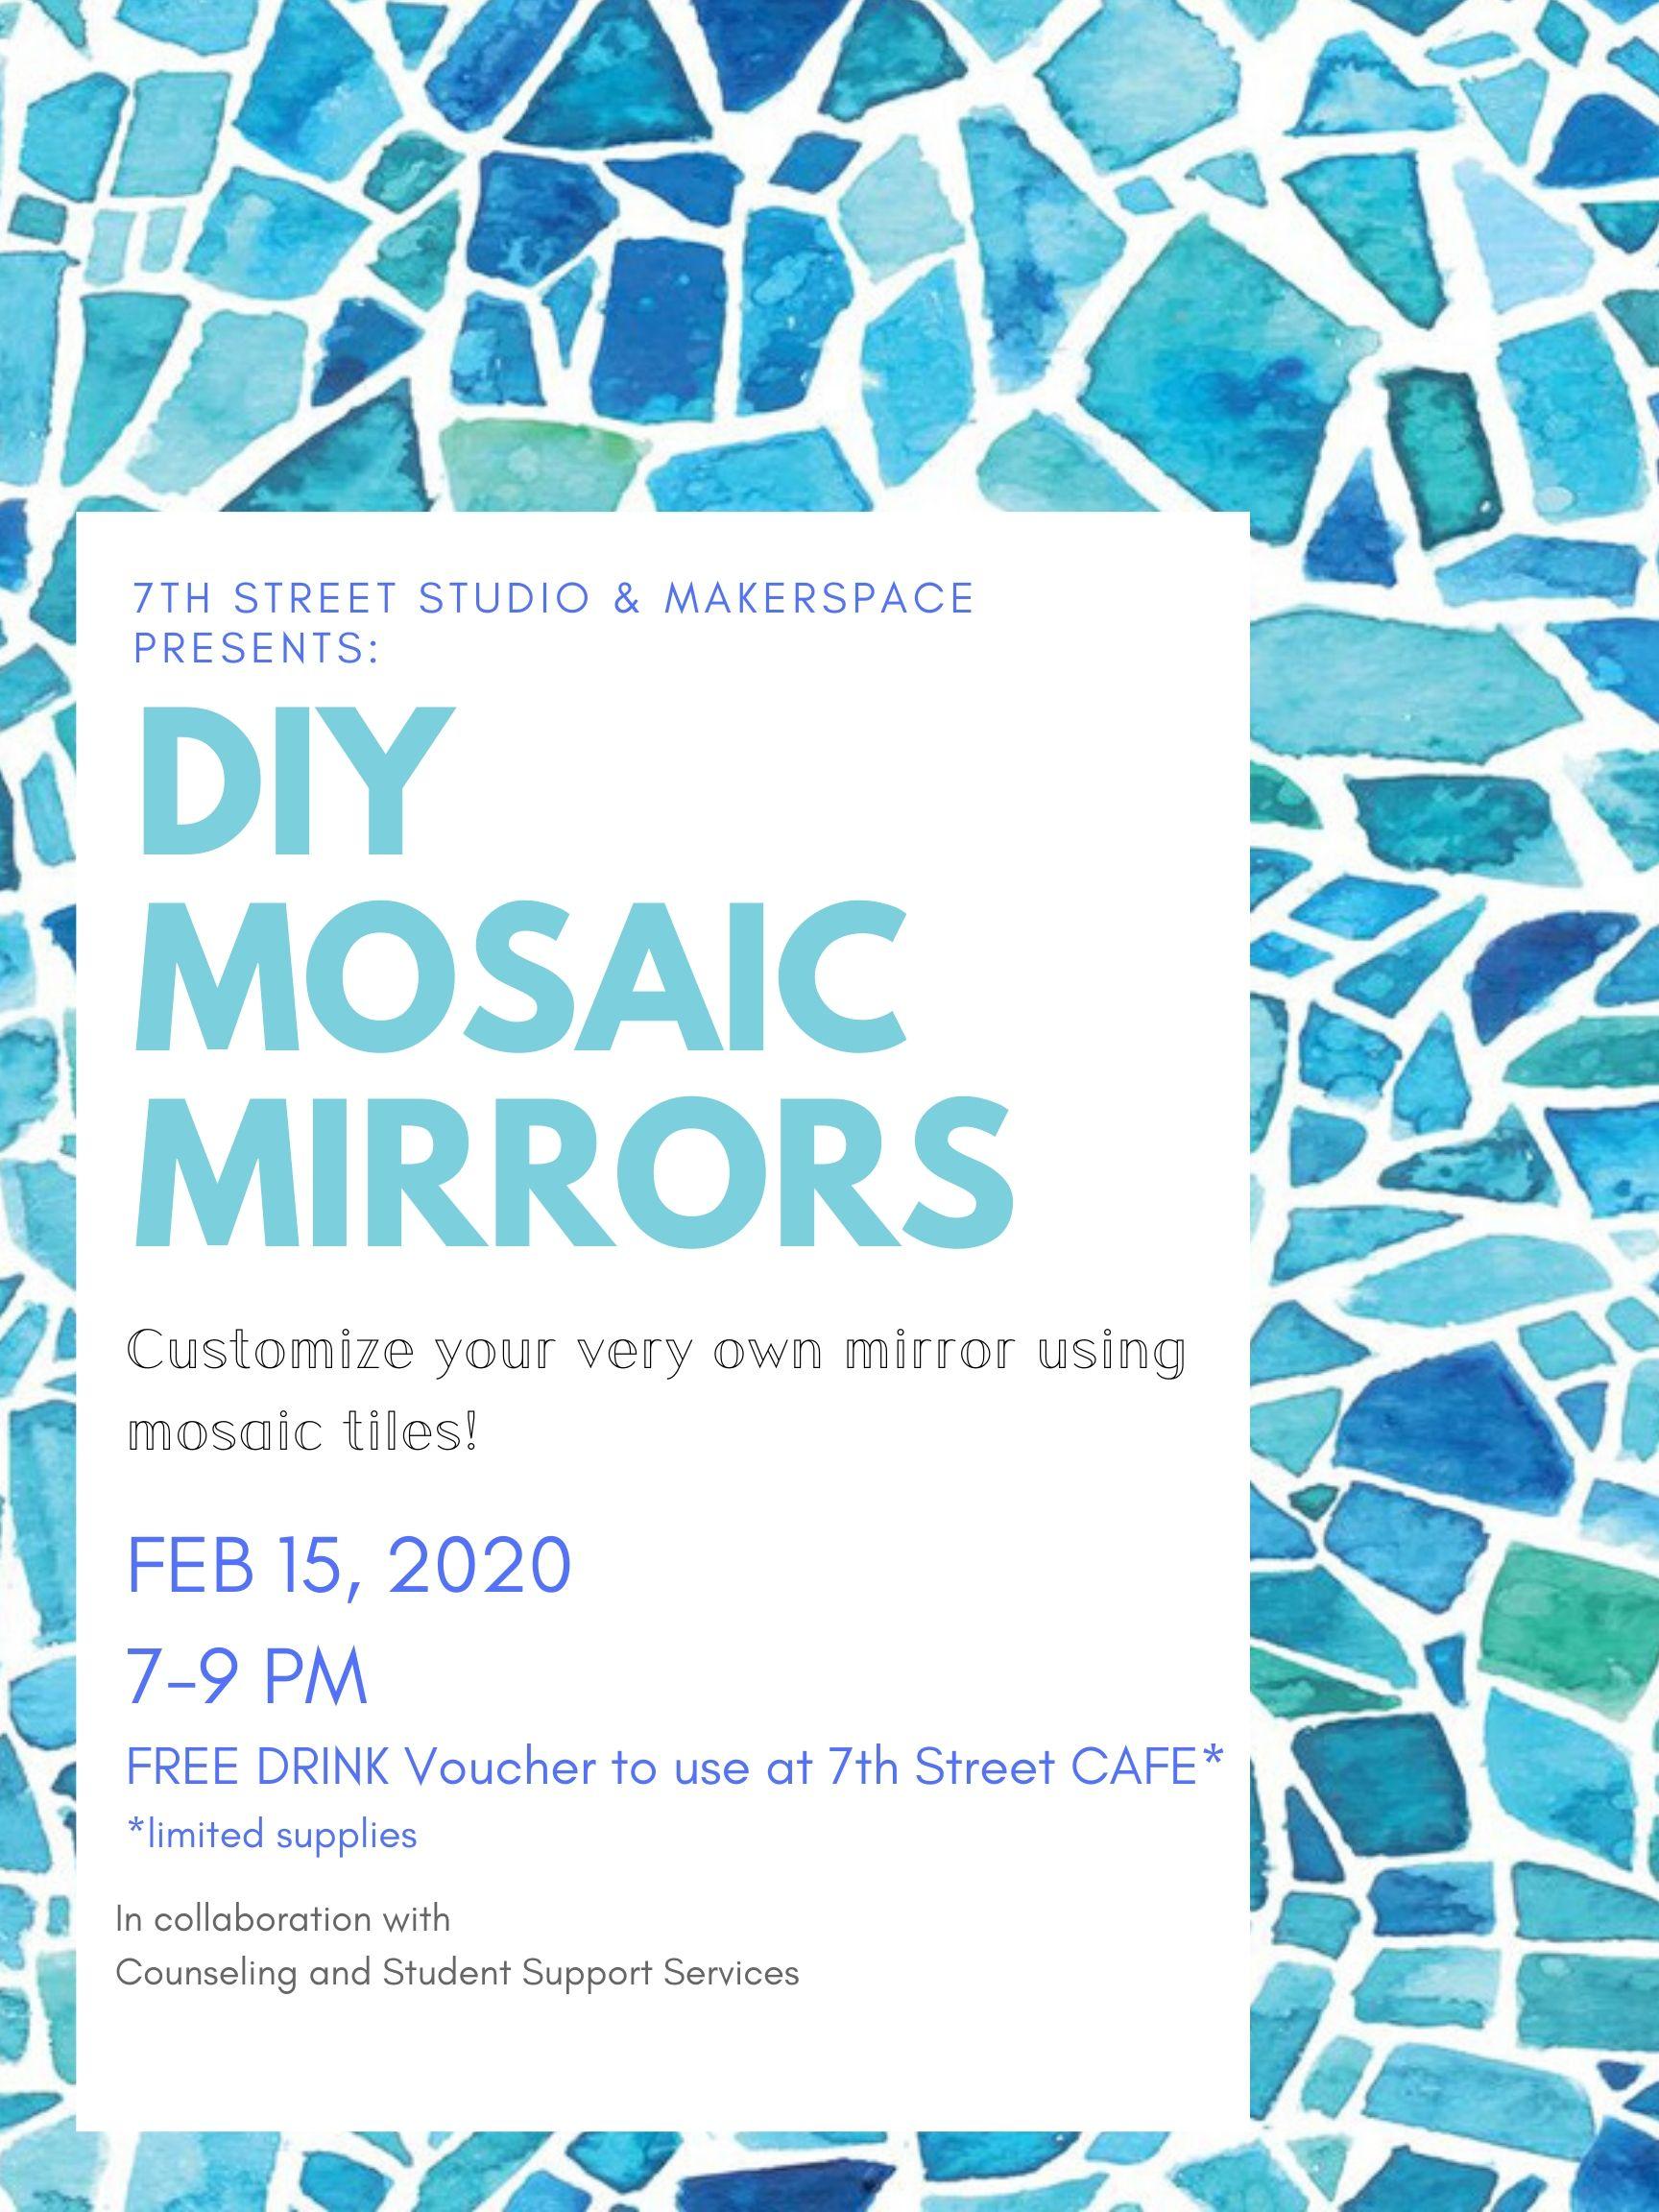 DIY Mosaic Mirrors